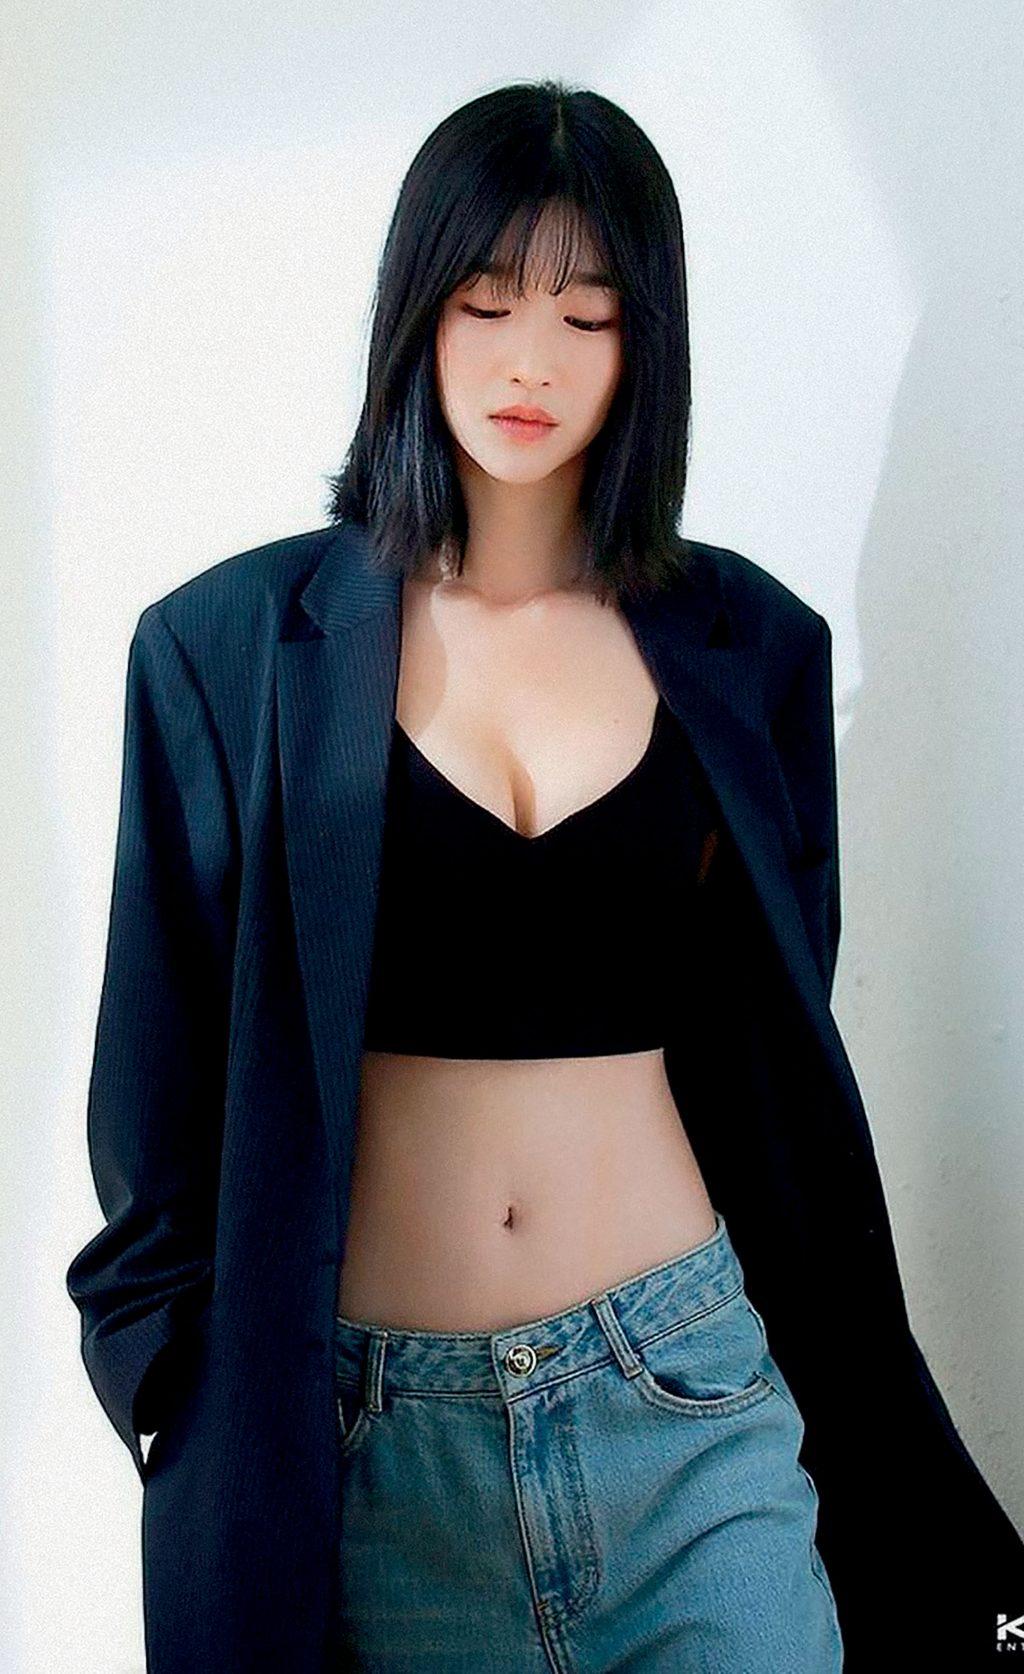 Nữ diễn viên sở hữu thân hình nóng bỏng